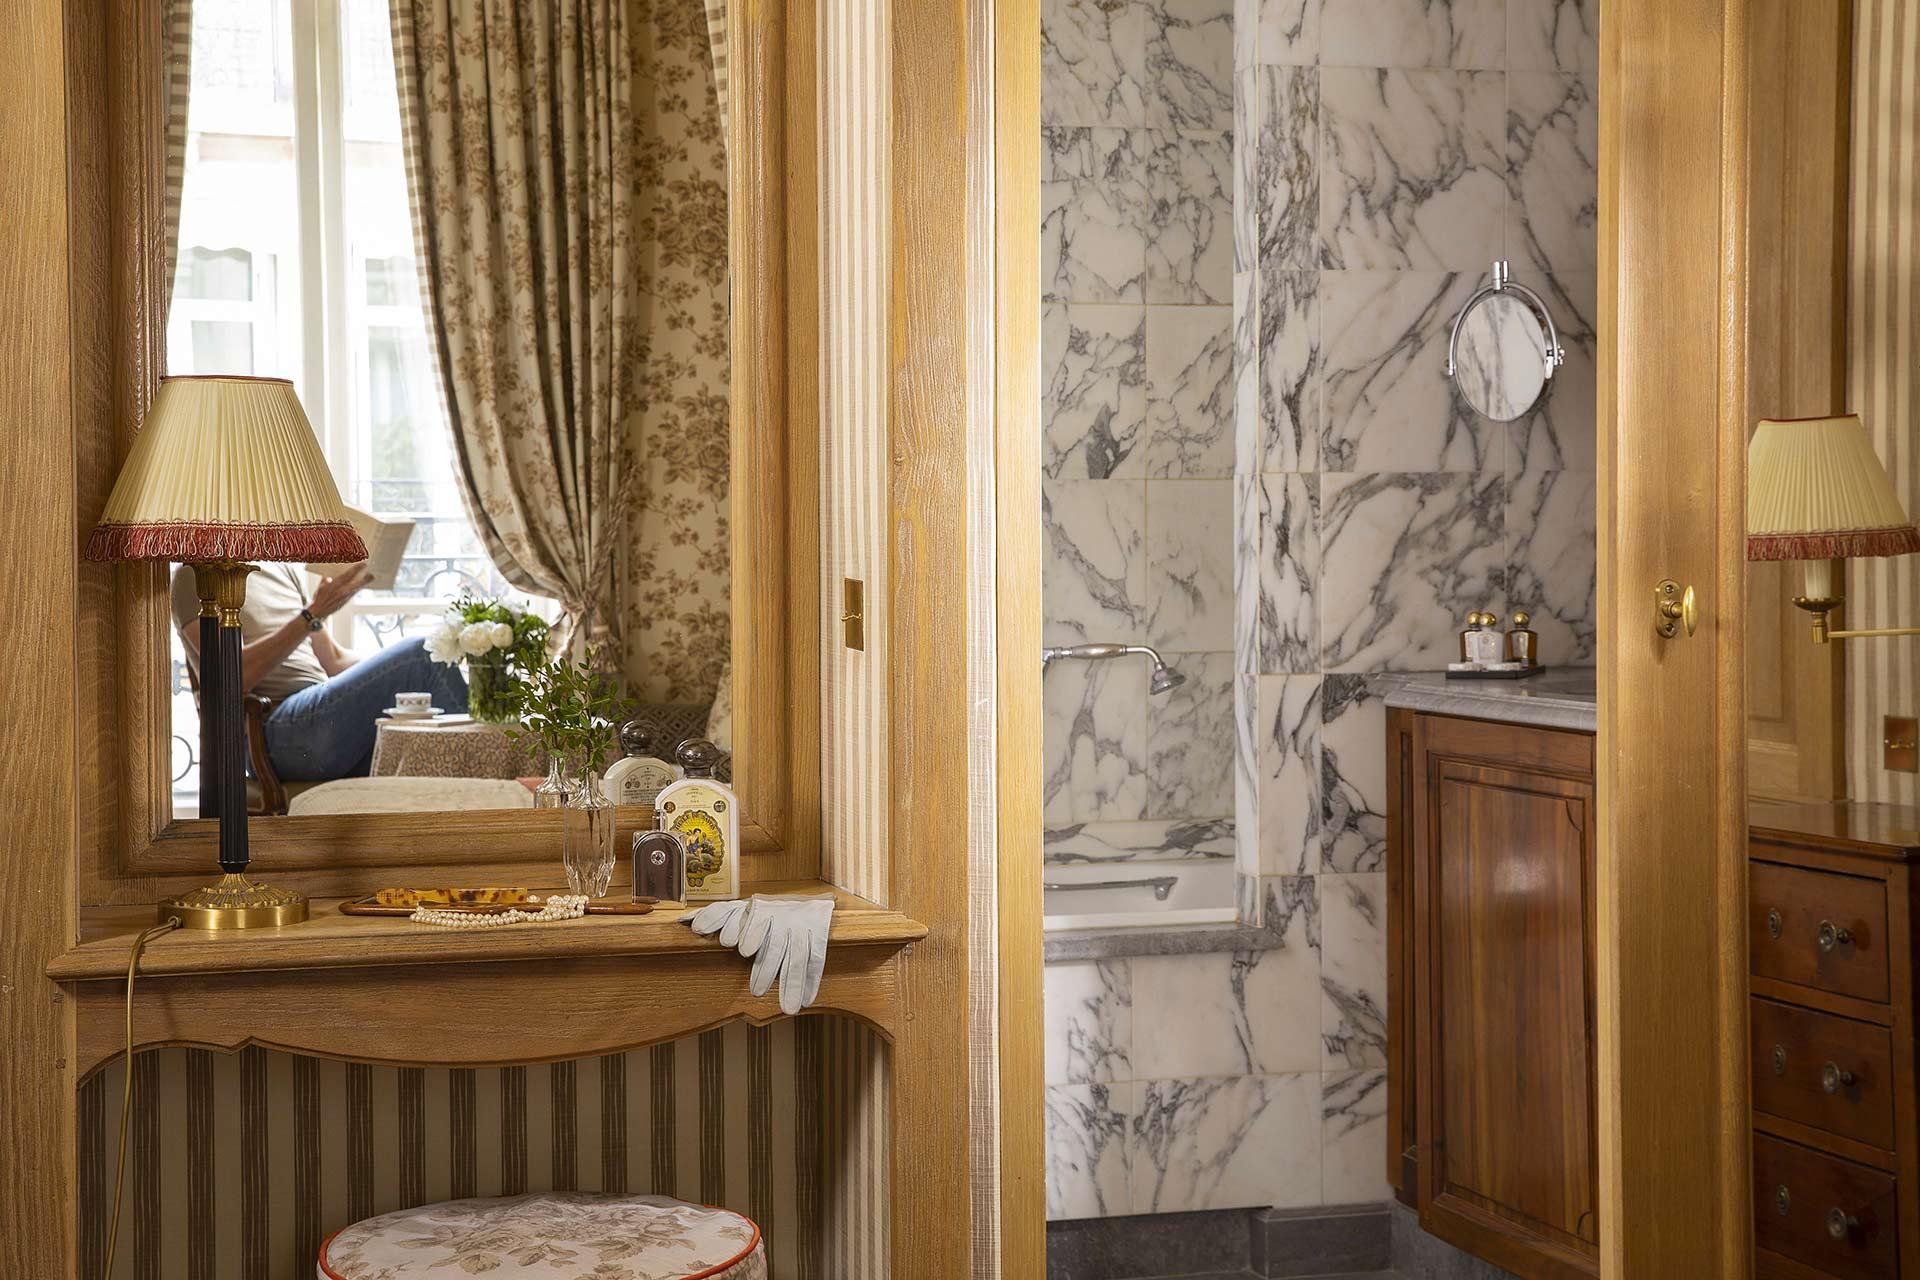 Chambre Deluxe - Hôtel Chambiges Elysées **** | SITE OFFICIEL | Réservation directe